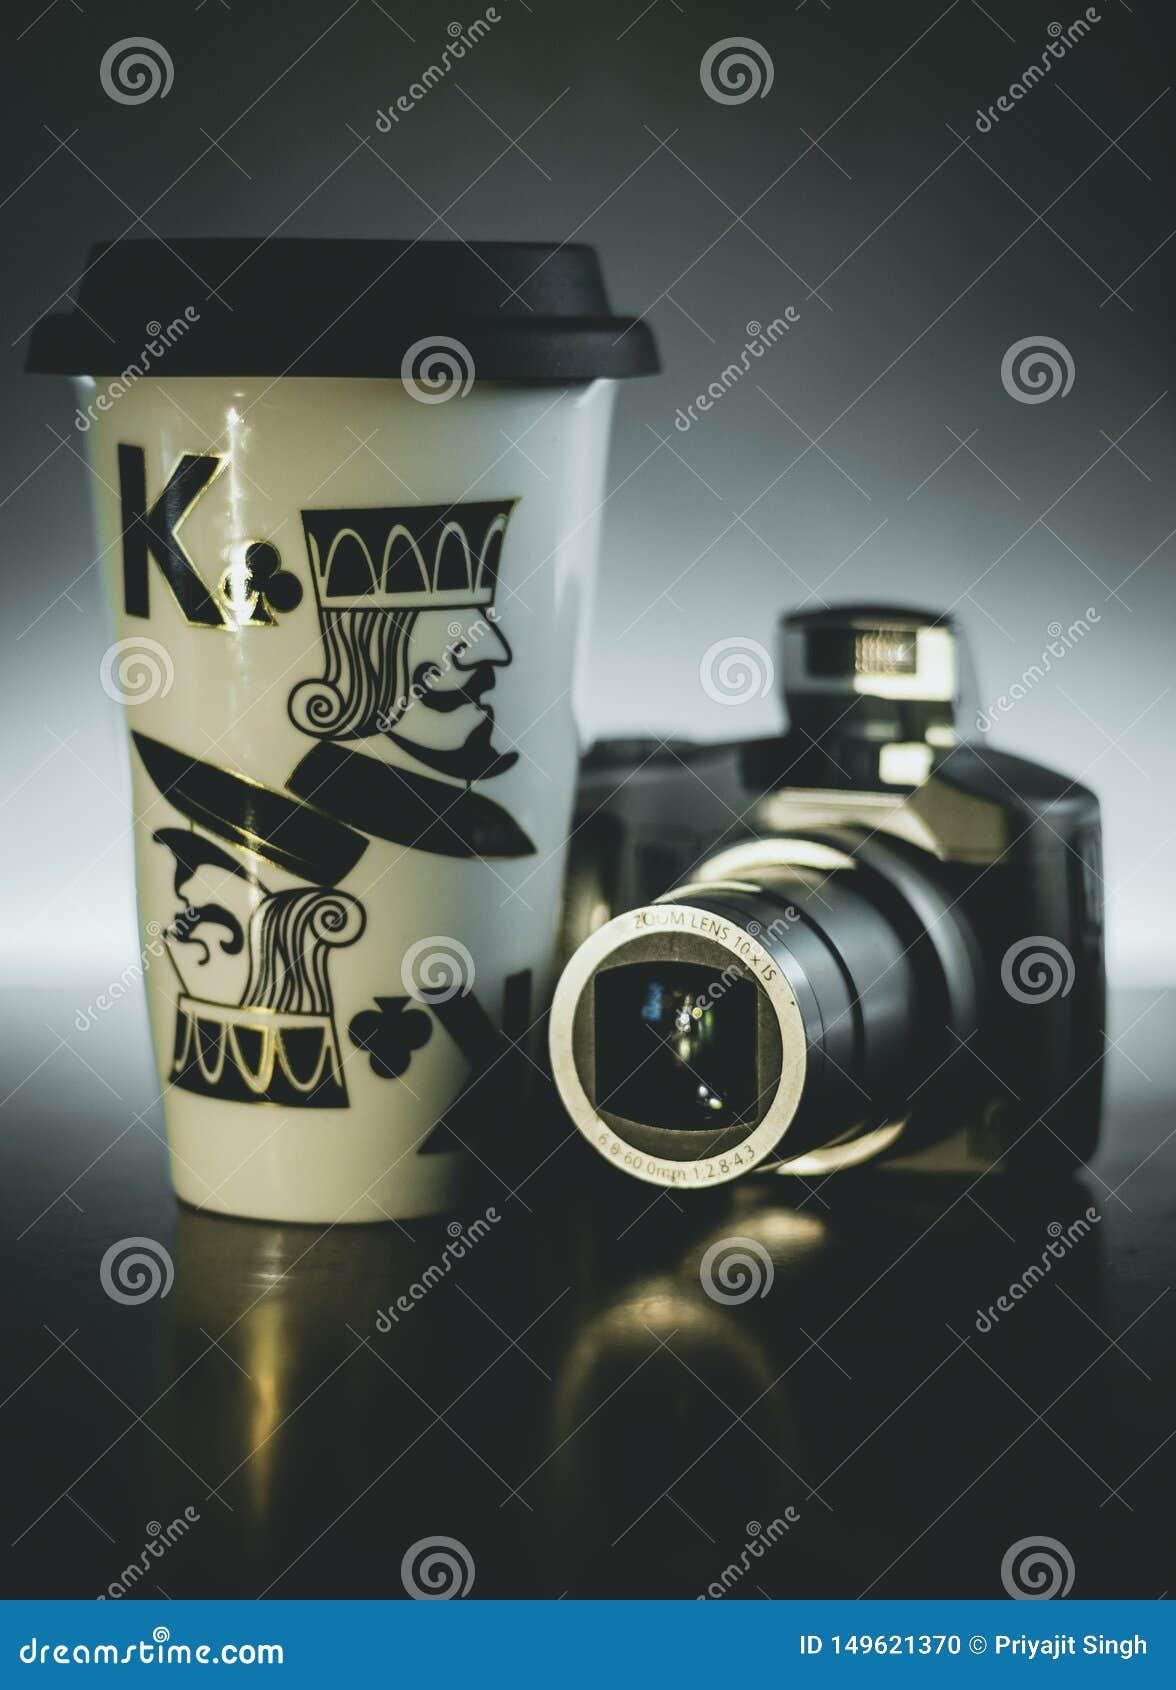 Kaffeetasse-Digitalkamera-Licht-dunkler Hintergrund